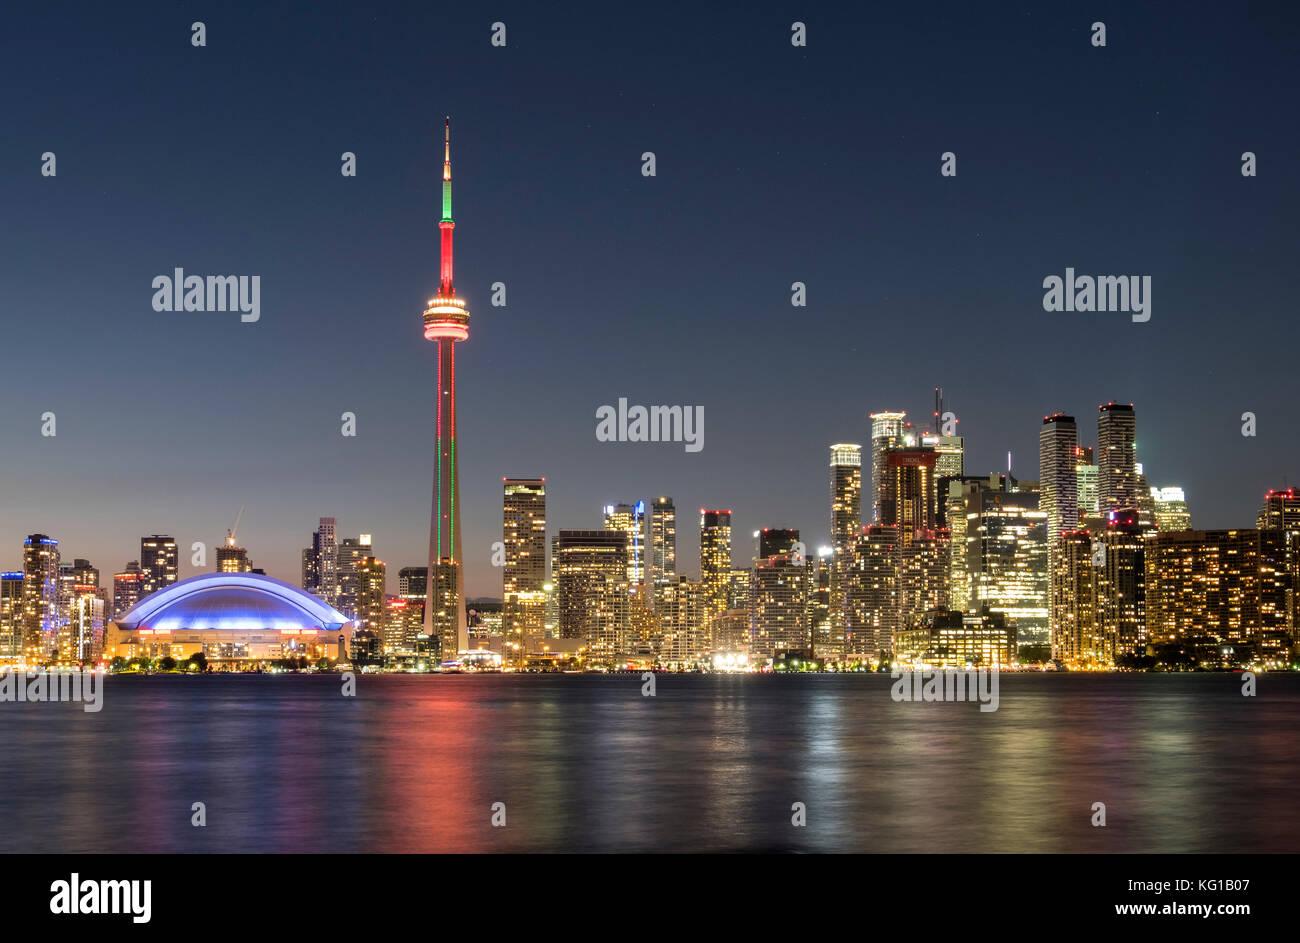 Horizonte de Toronto con la Torre CN en la noche, desde la isla de Toronto, Toronto, Ontario, Canadá Imagen De Stock